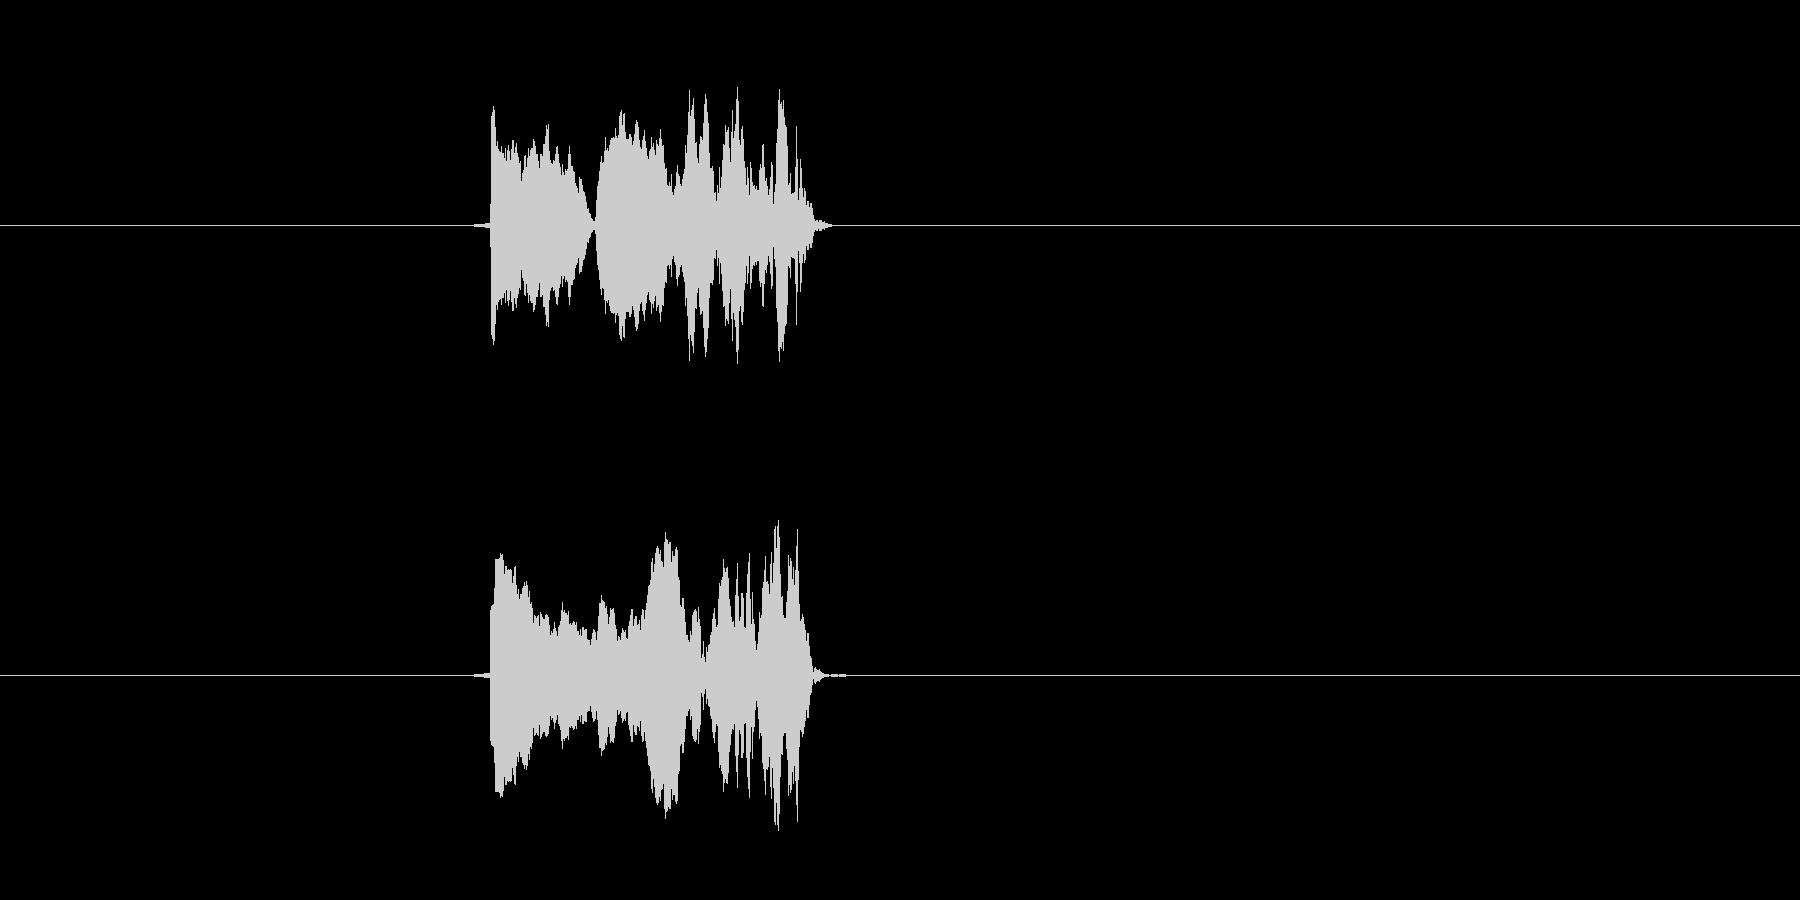 ポヨン(コミカル、ゲーム、飛ぶ)の未再生の波形